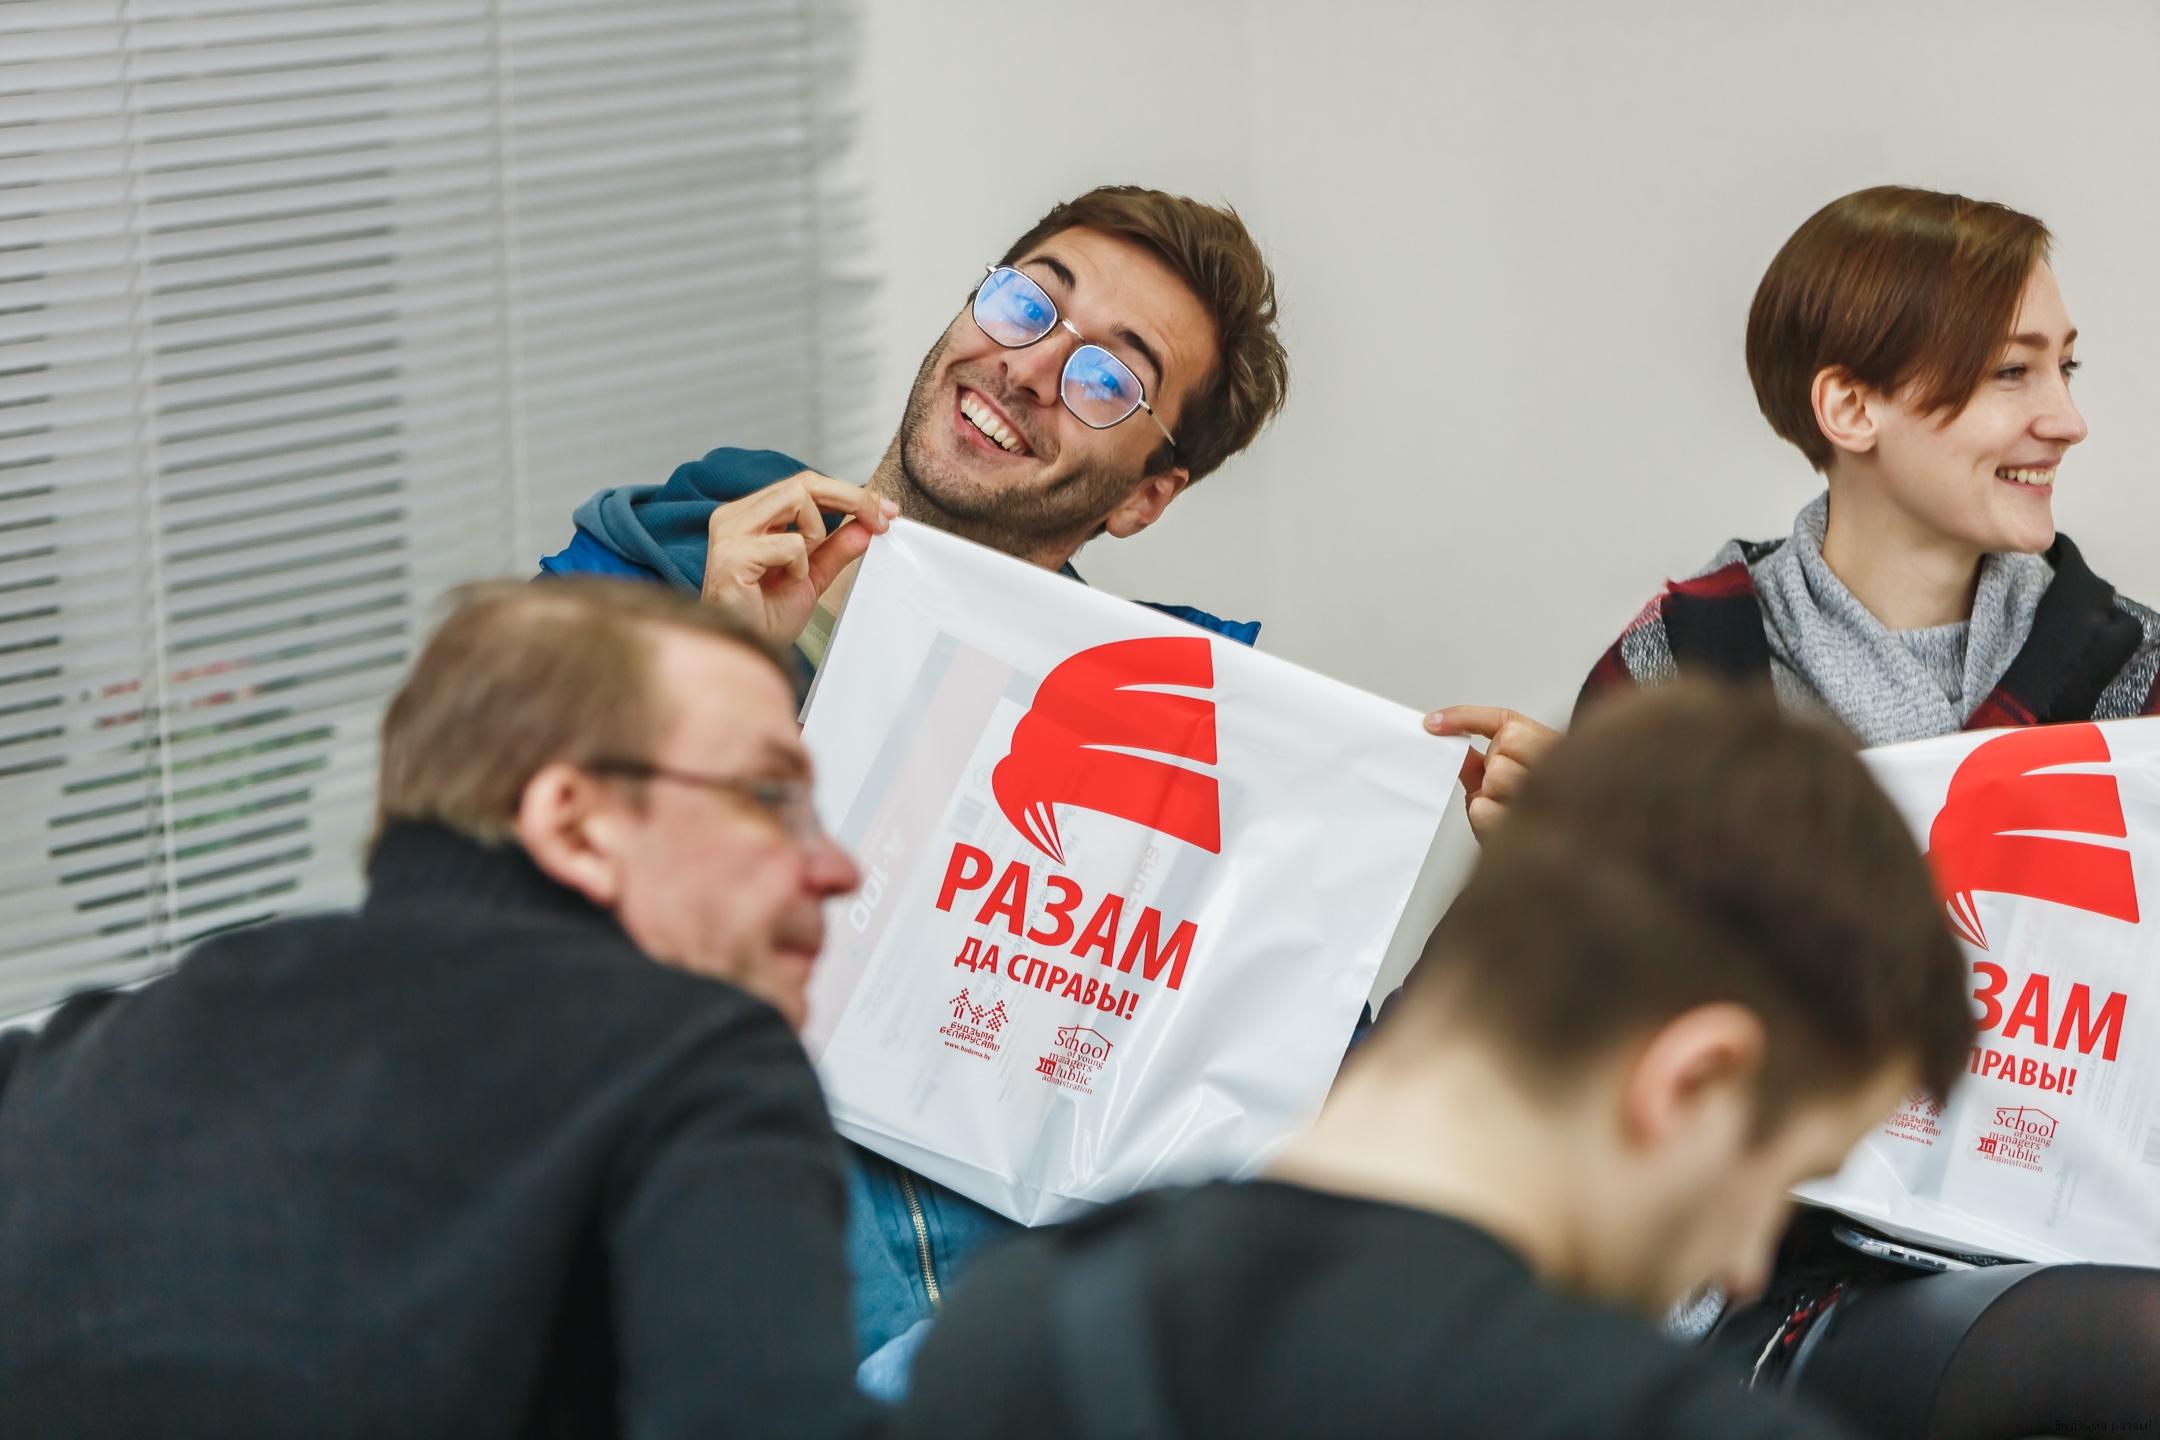 Антон Матолька і Яўгенія Пачэпка з падарункамі ад кампаніі